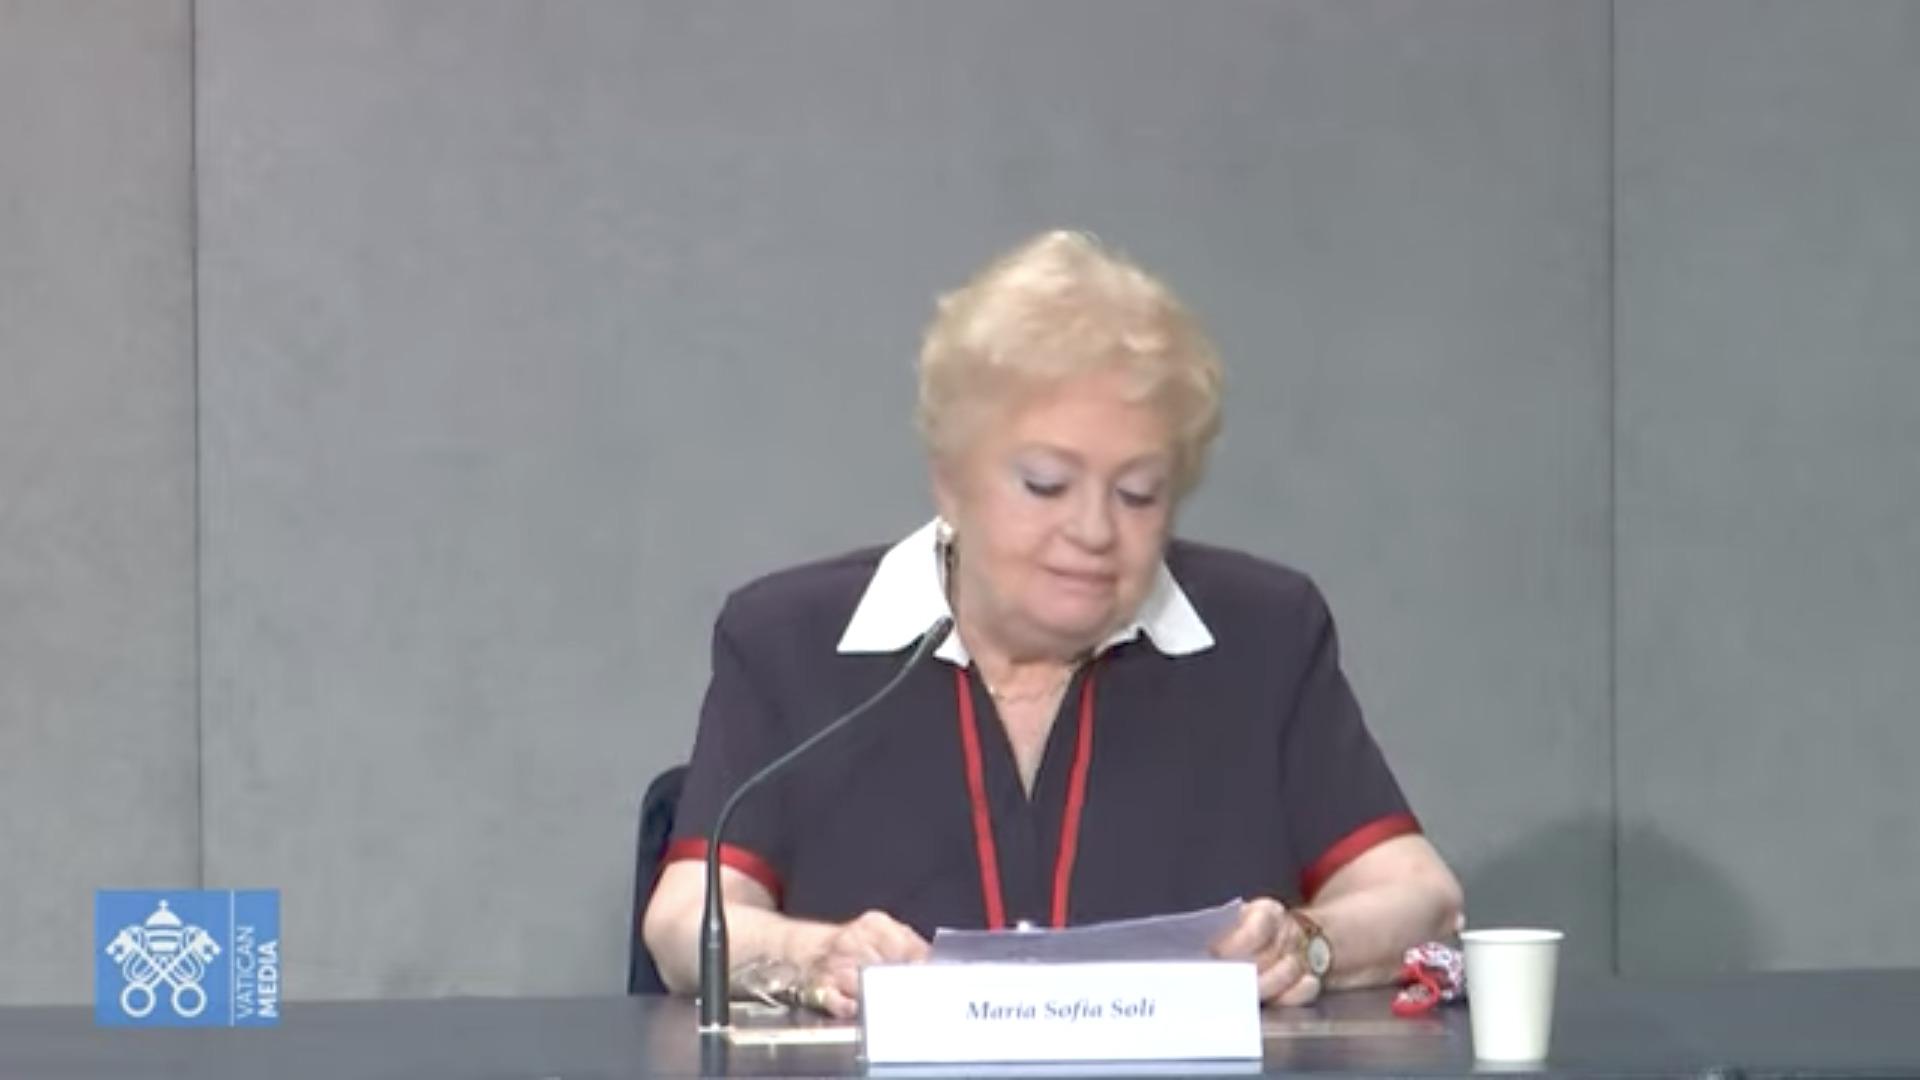 Mme Maria Sofia Soli, capture Vatican Media